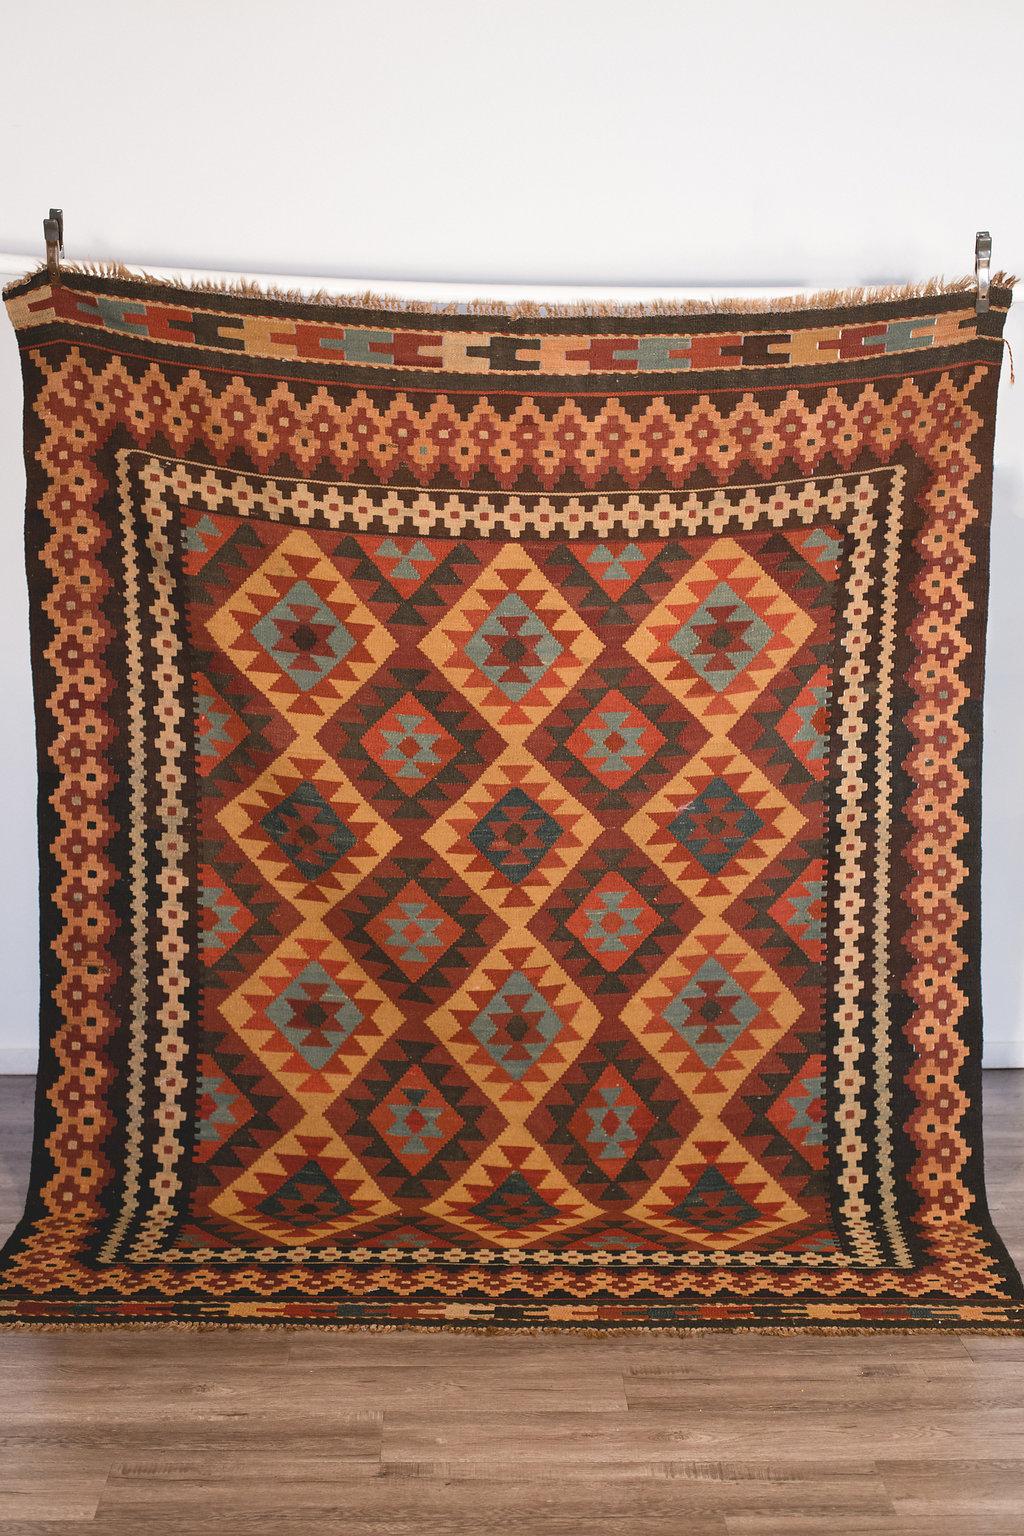 Aztec Rug Large 8.5' x 6.5' Quantity: 1 Price: $150